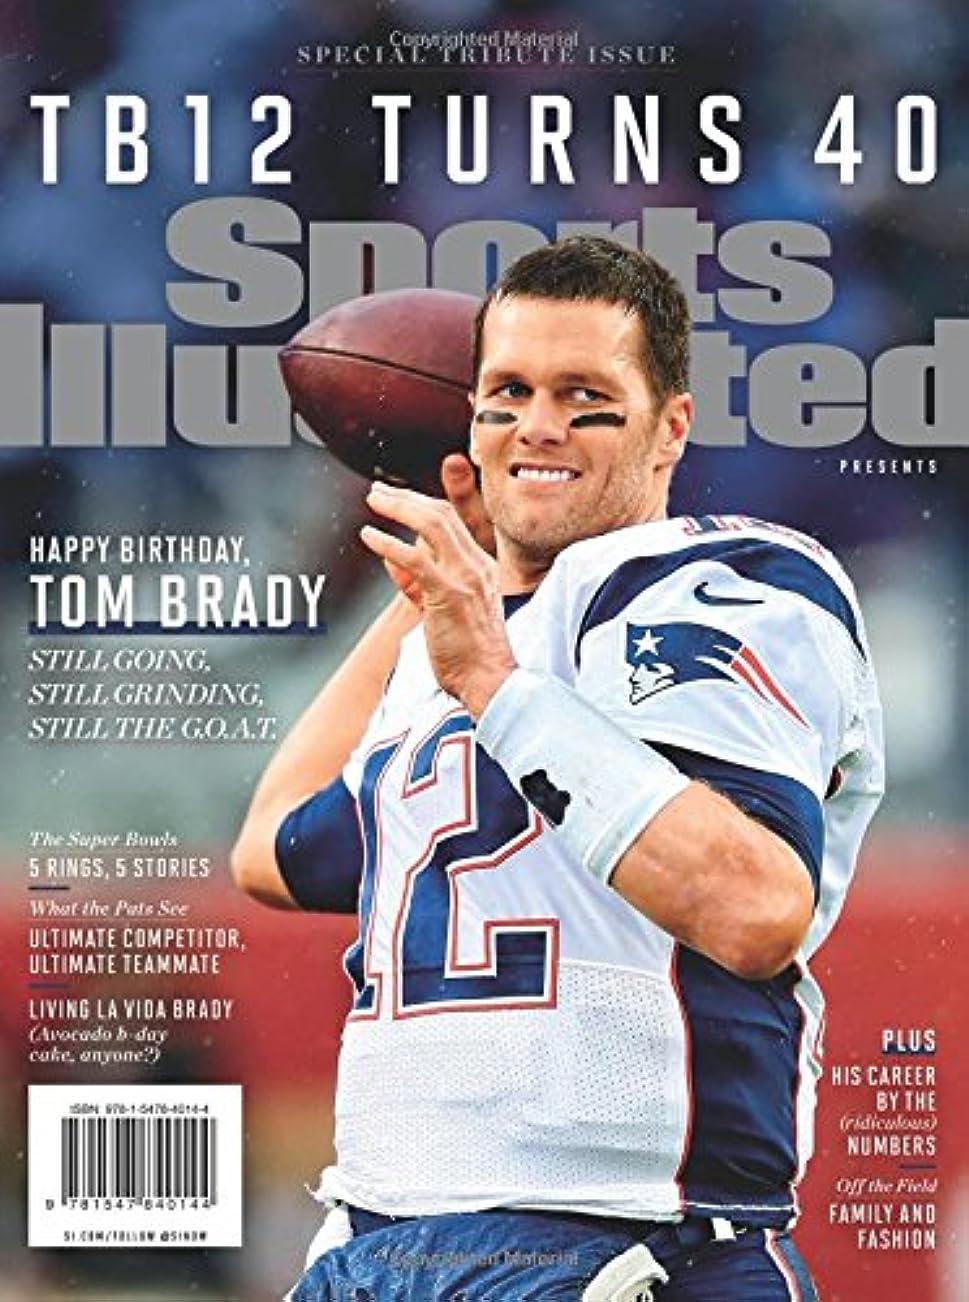 エクスタシー発行する大きいSports Illustrated Tom Brady Turns 40 Special Tribute Issue: Happy Birthday TB12